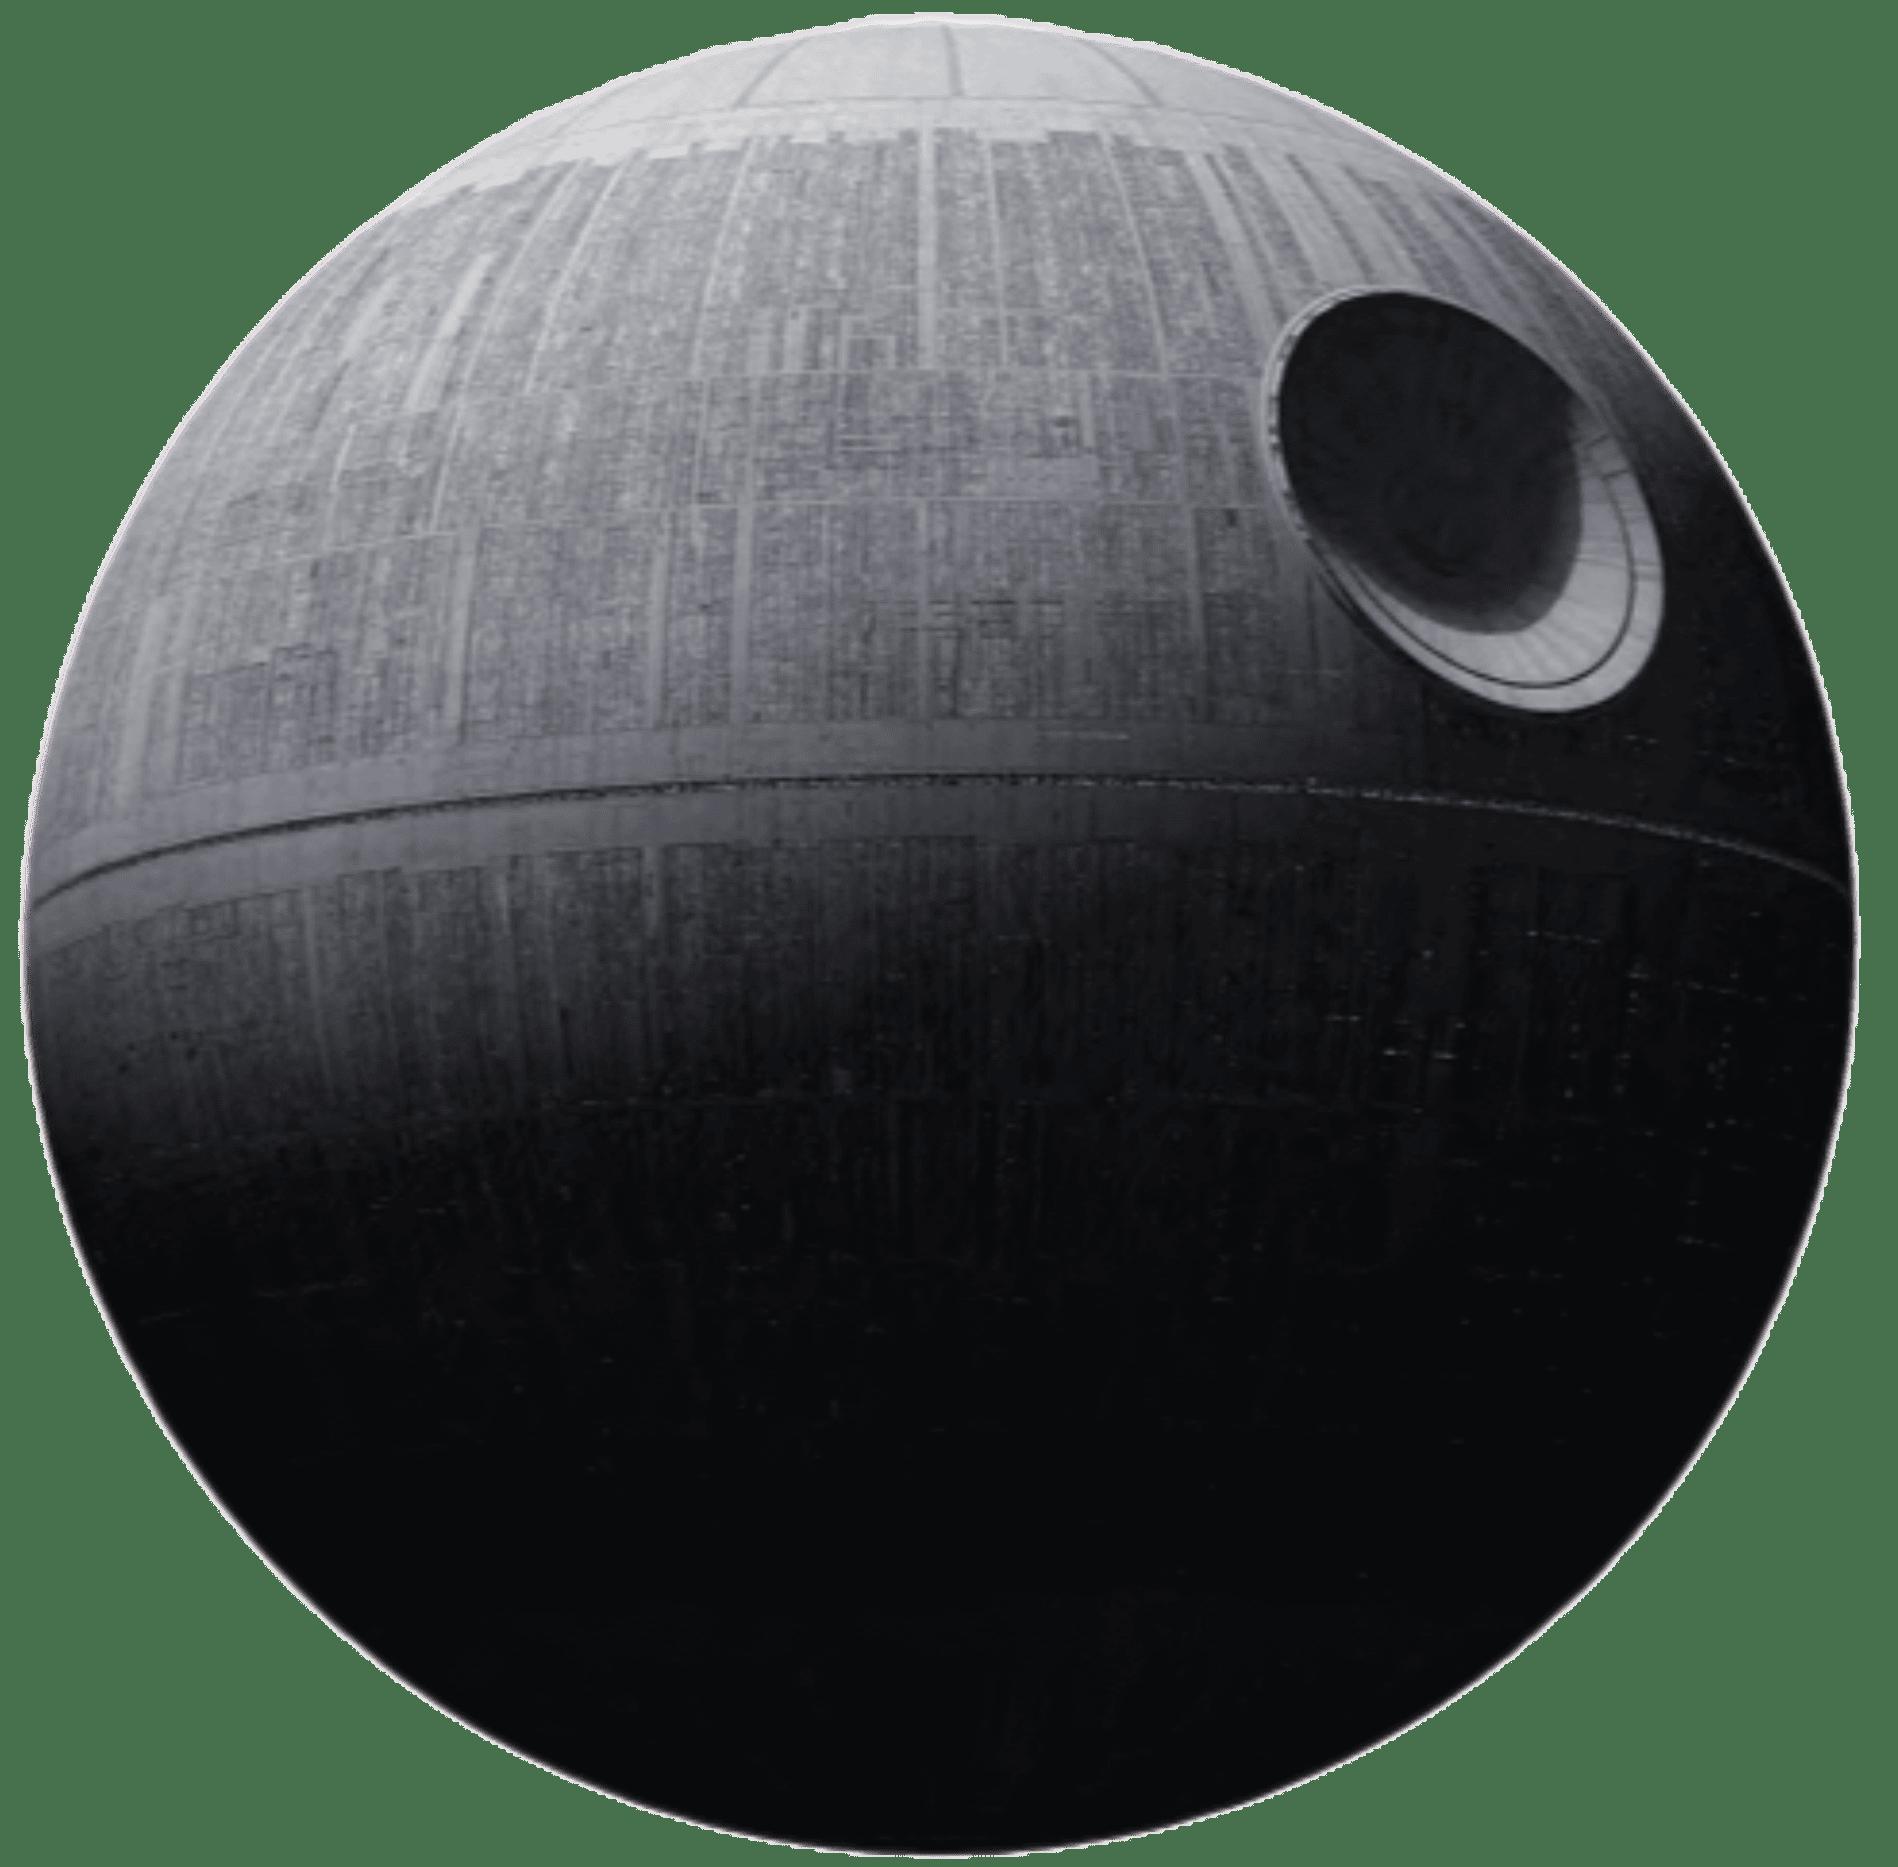 sezon-2-star-wars-death-star-webflow-jr-ux-ui-designer